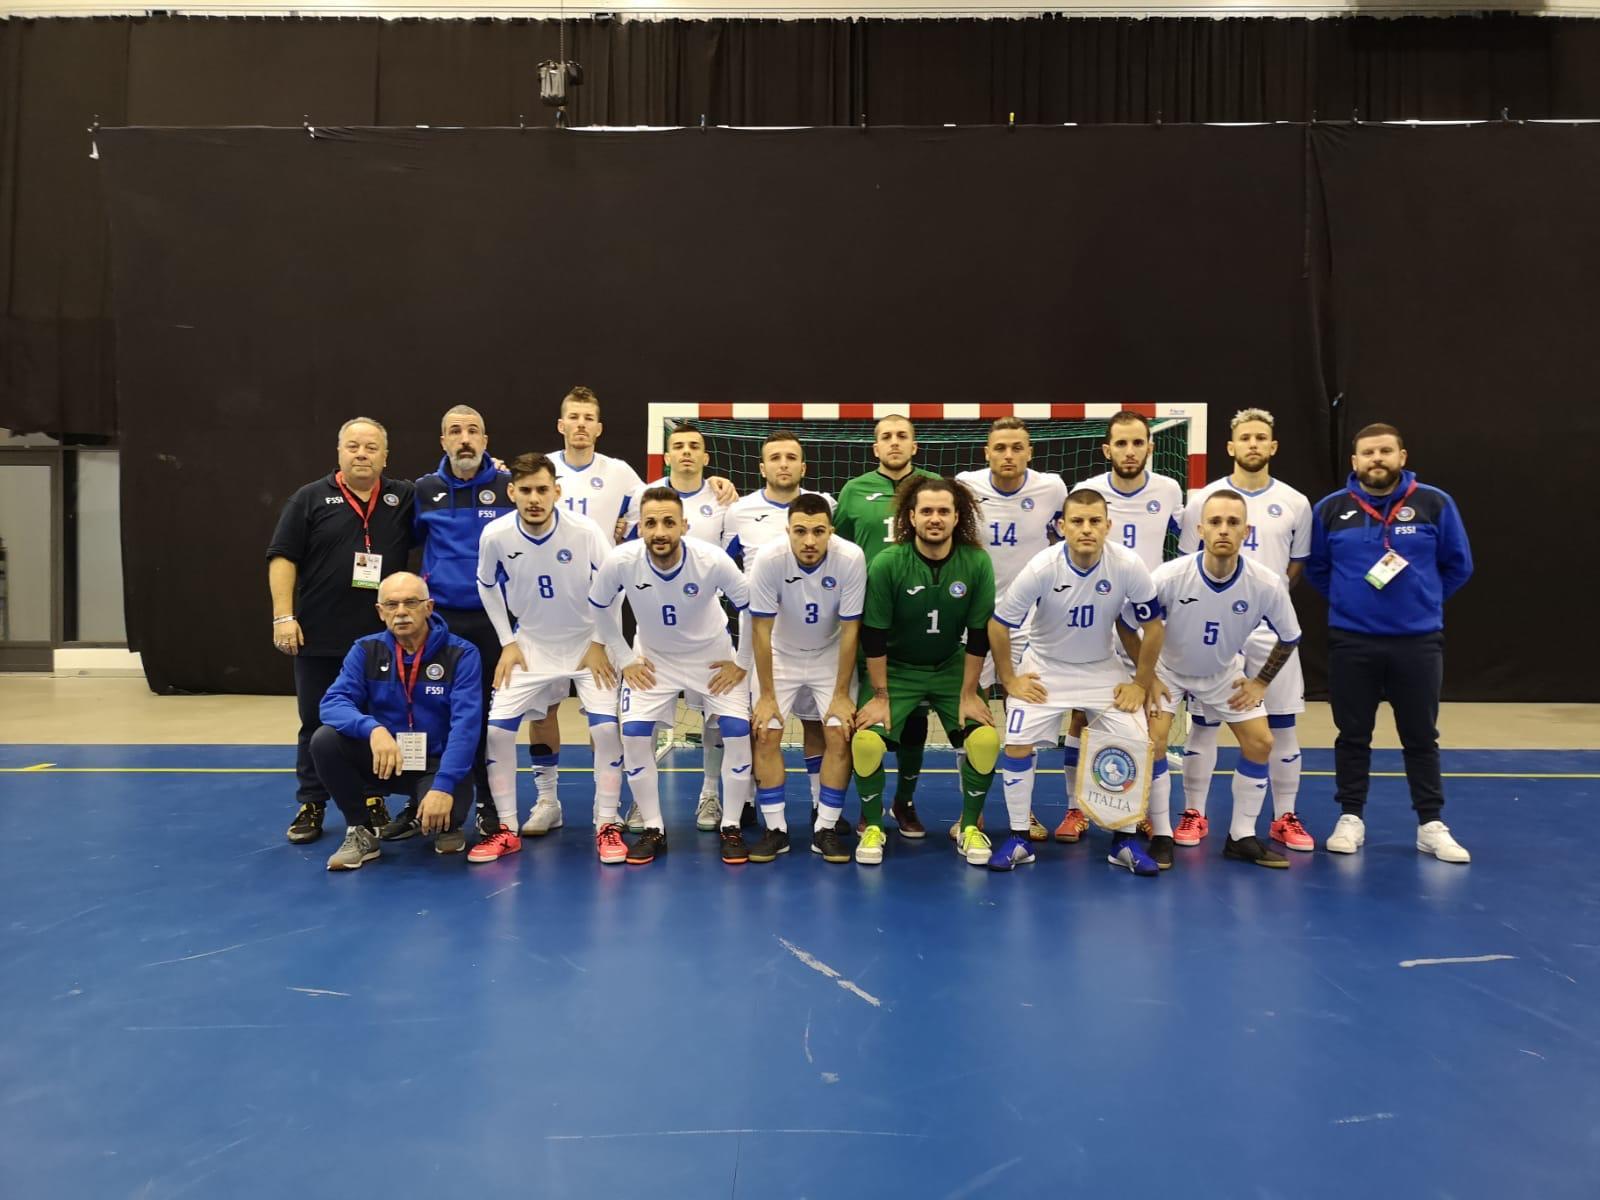 5° Campionato Europeo di Futsal a Tampere. Italia vs Israele 1-0